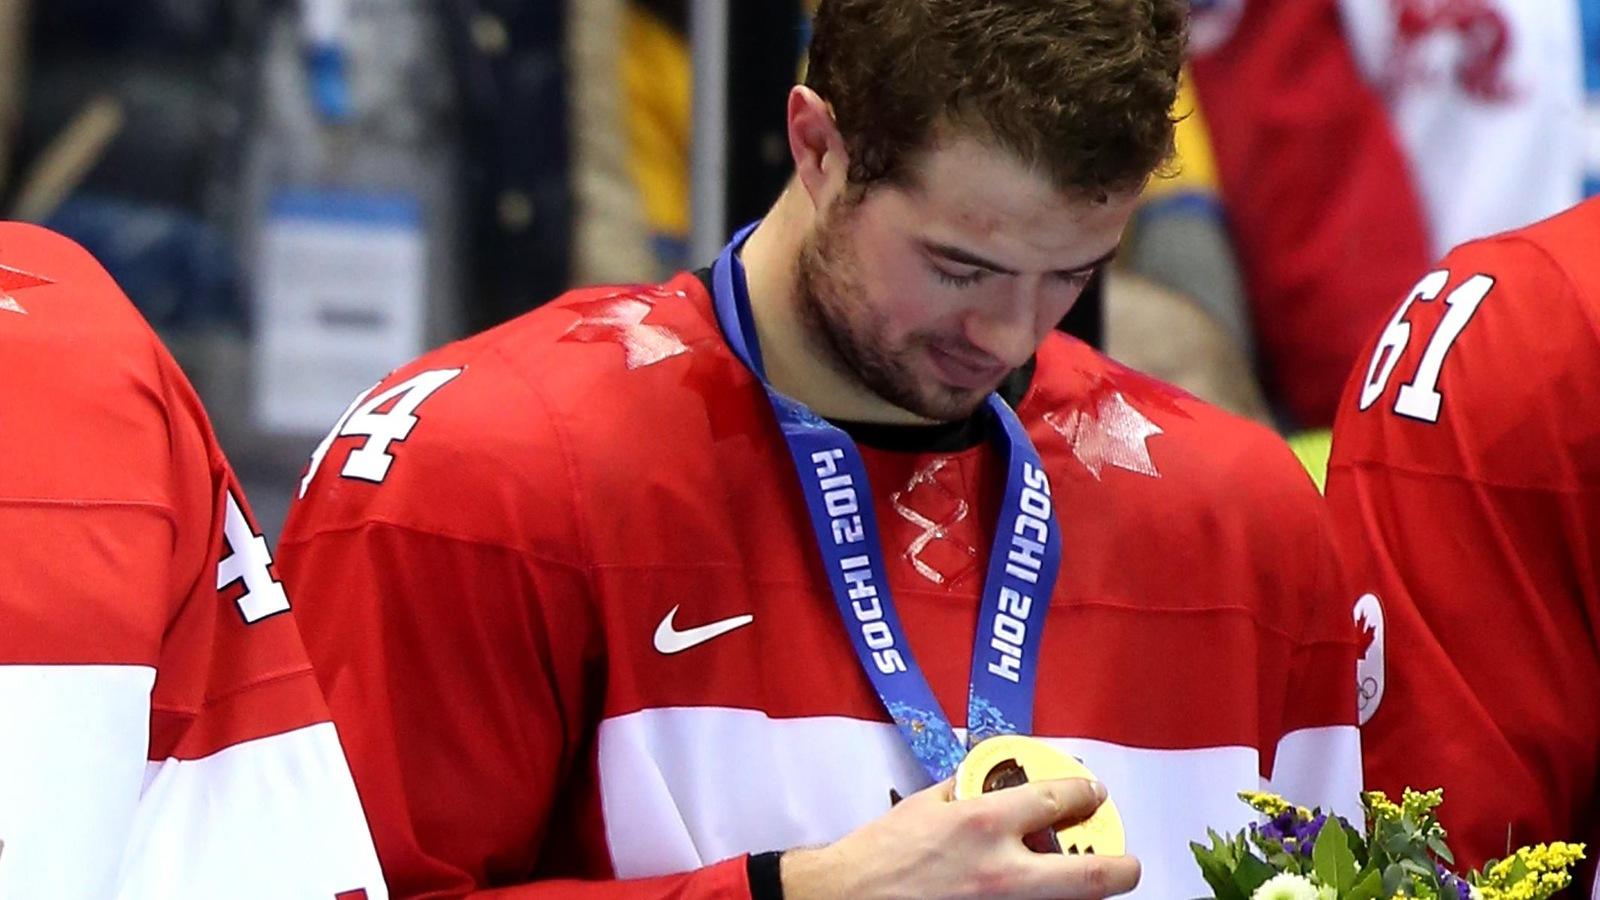 Le défenseur Marc-Édouard Vlasic regarde sa médaille d'or après la victoire du Canada en finale du tournoi de hockey masculin aux Jeux olympiques de Sotchi.